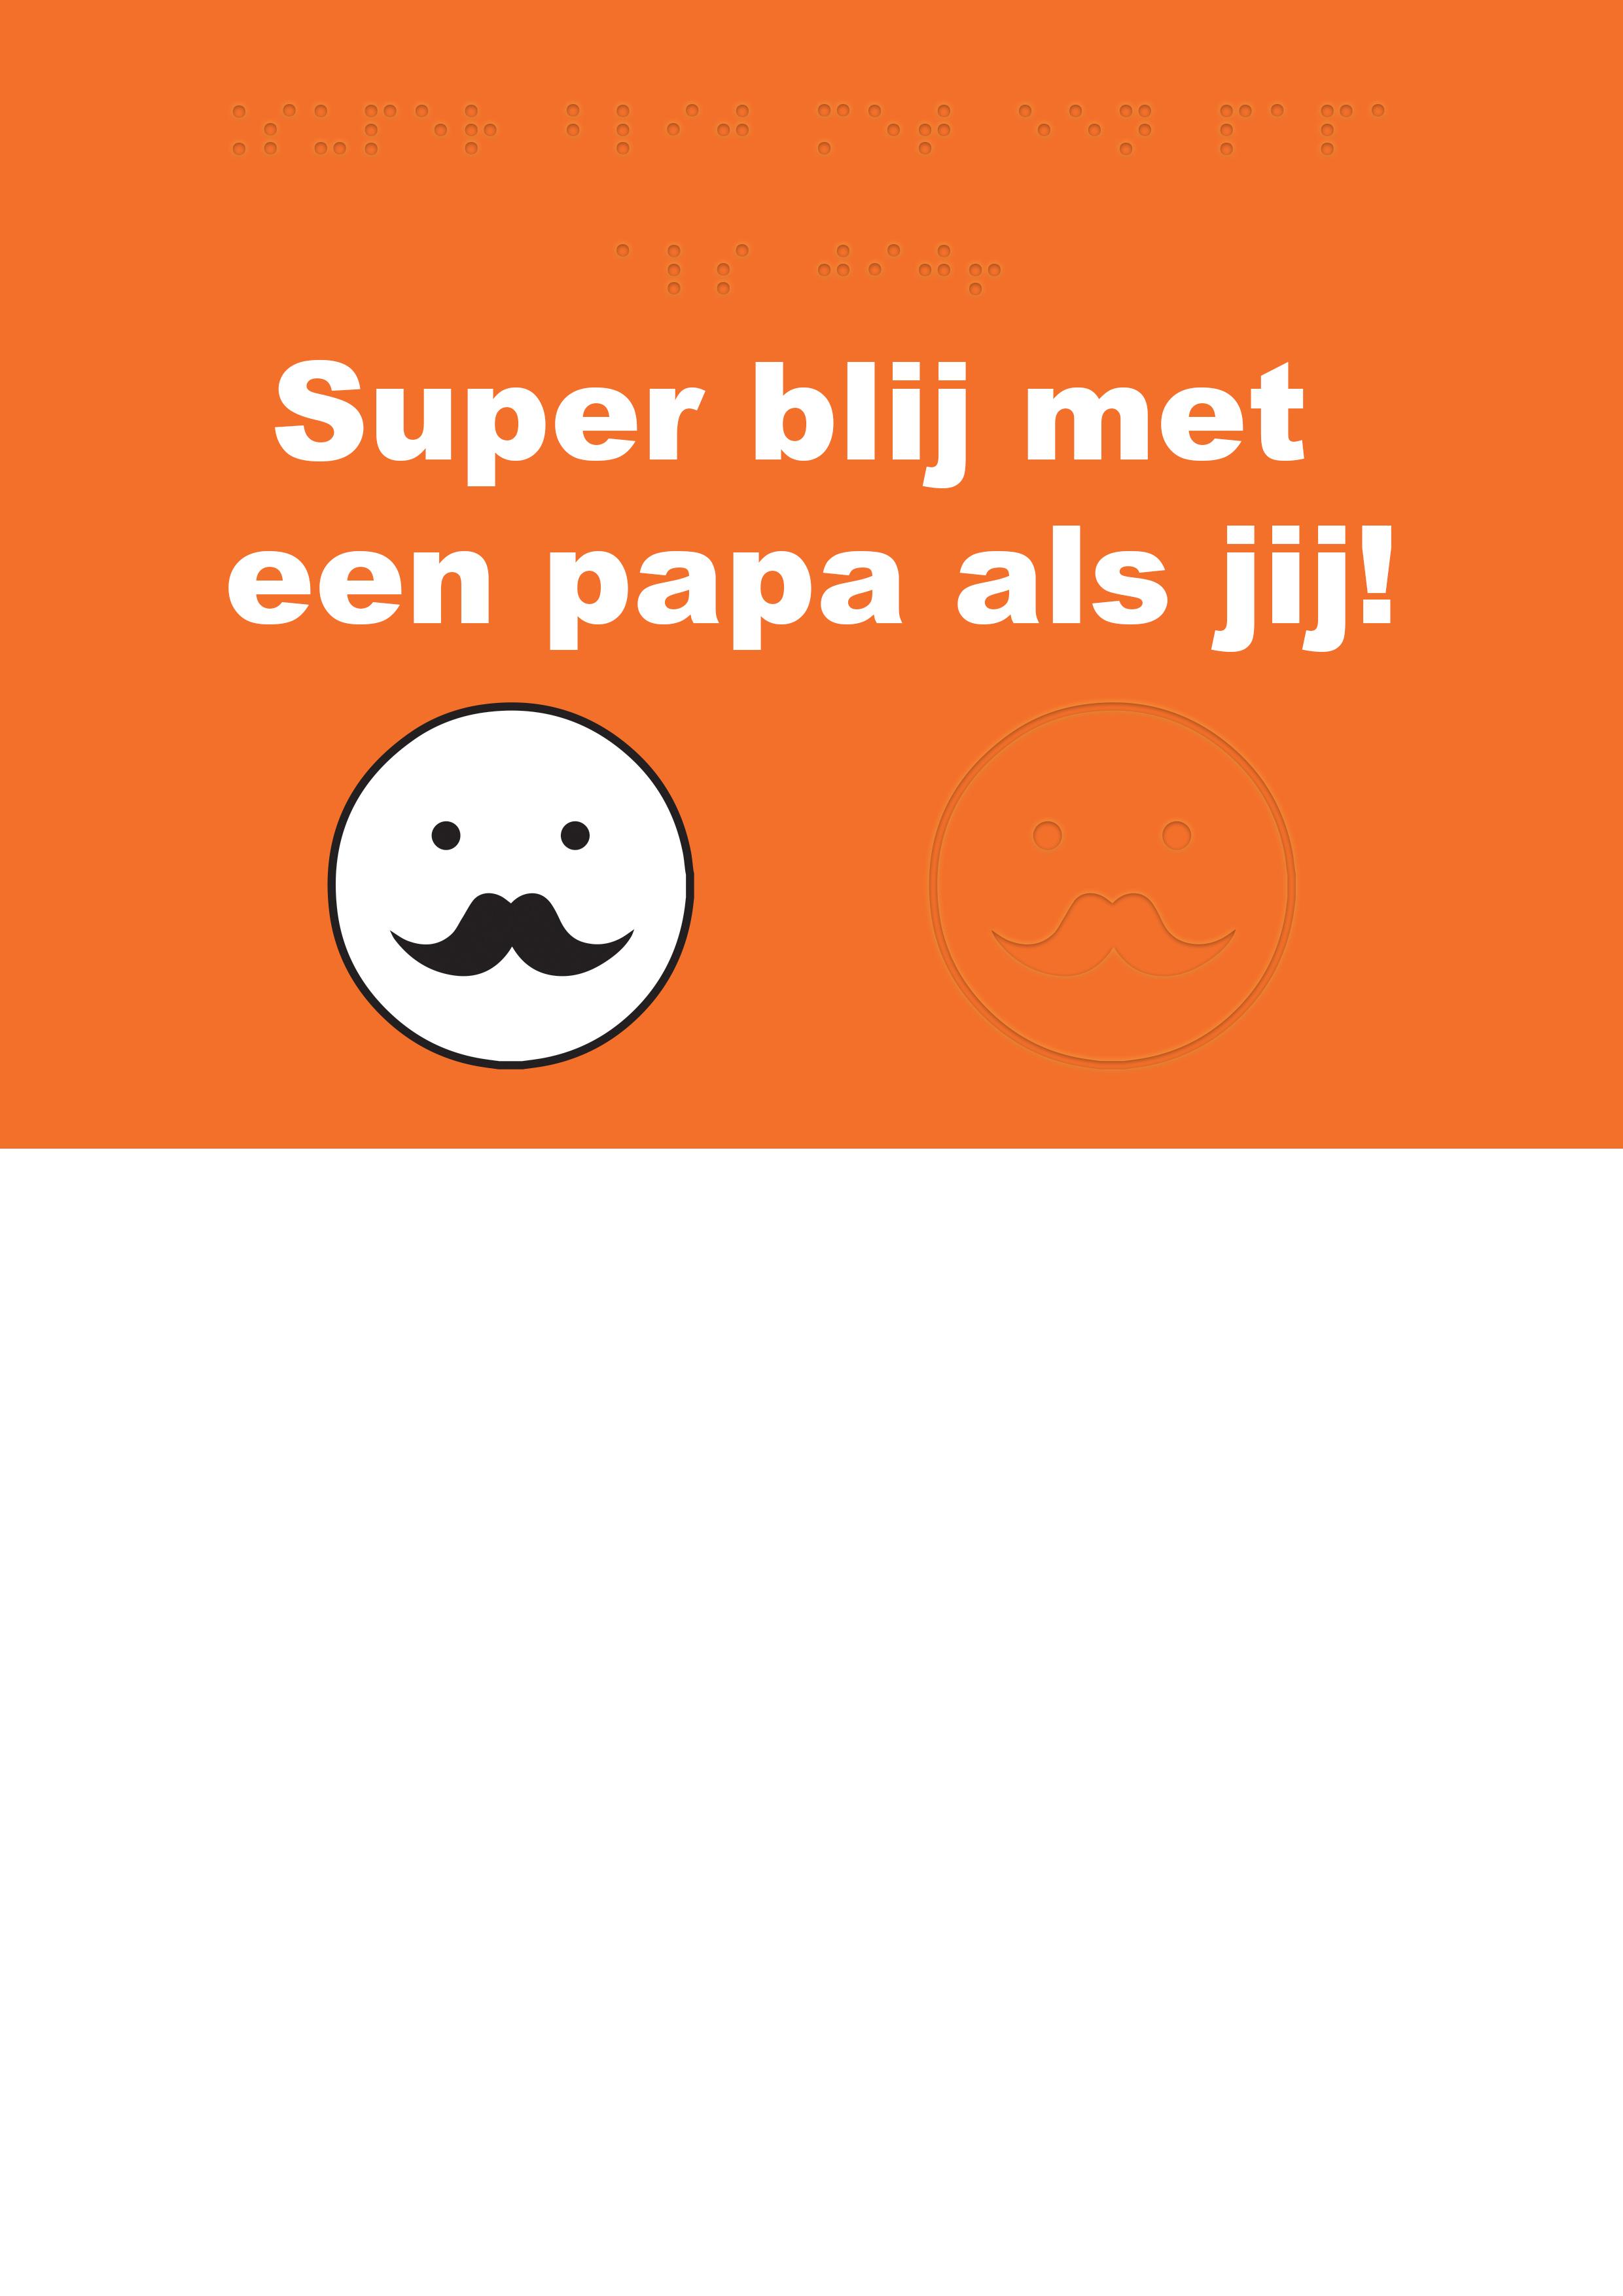 Voelbare wenskaart met braille en reliëf. In braille de tekst: super blij met een papa als jij! Met een voelbare afbeelding van een rond gezichtje met een snor.